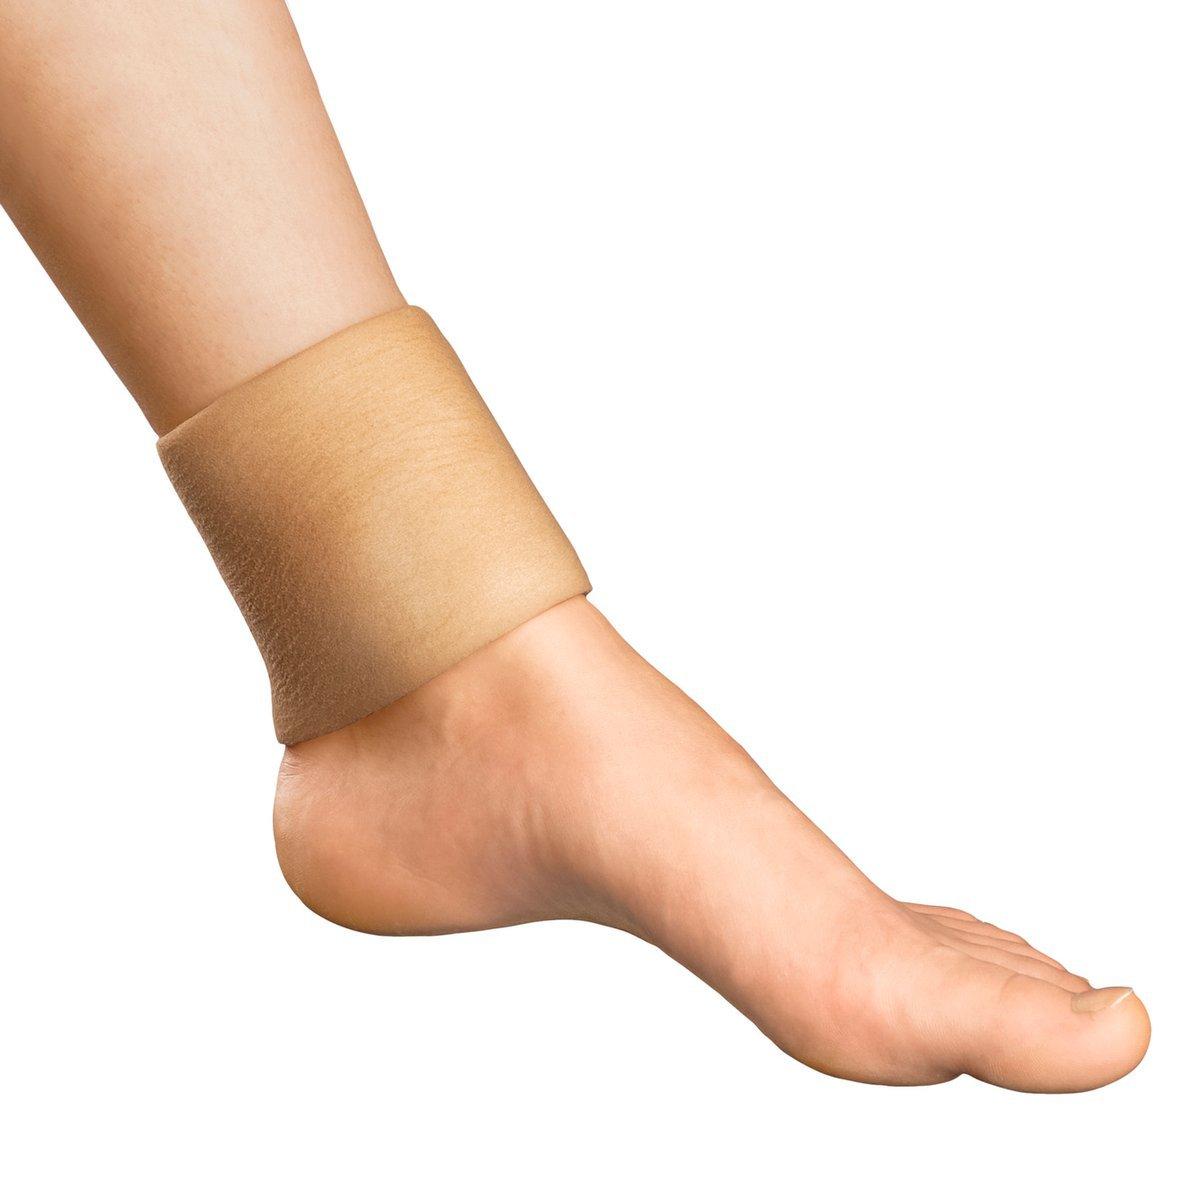 Knöchel- oder Bein-Schutz günstig kaufen